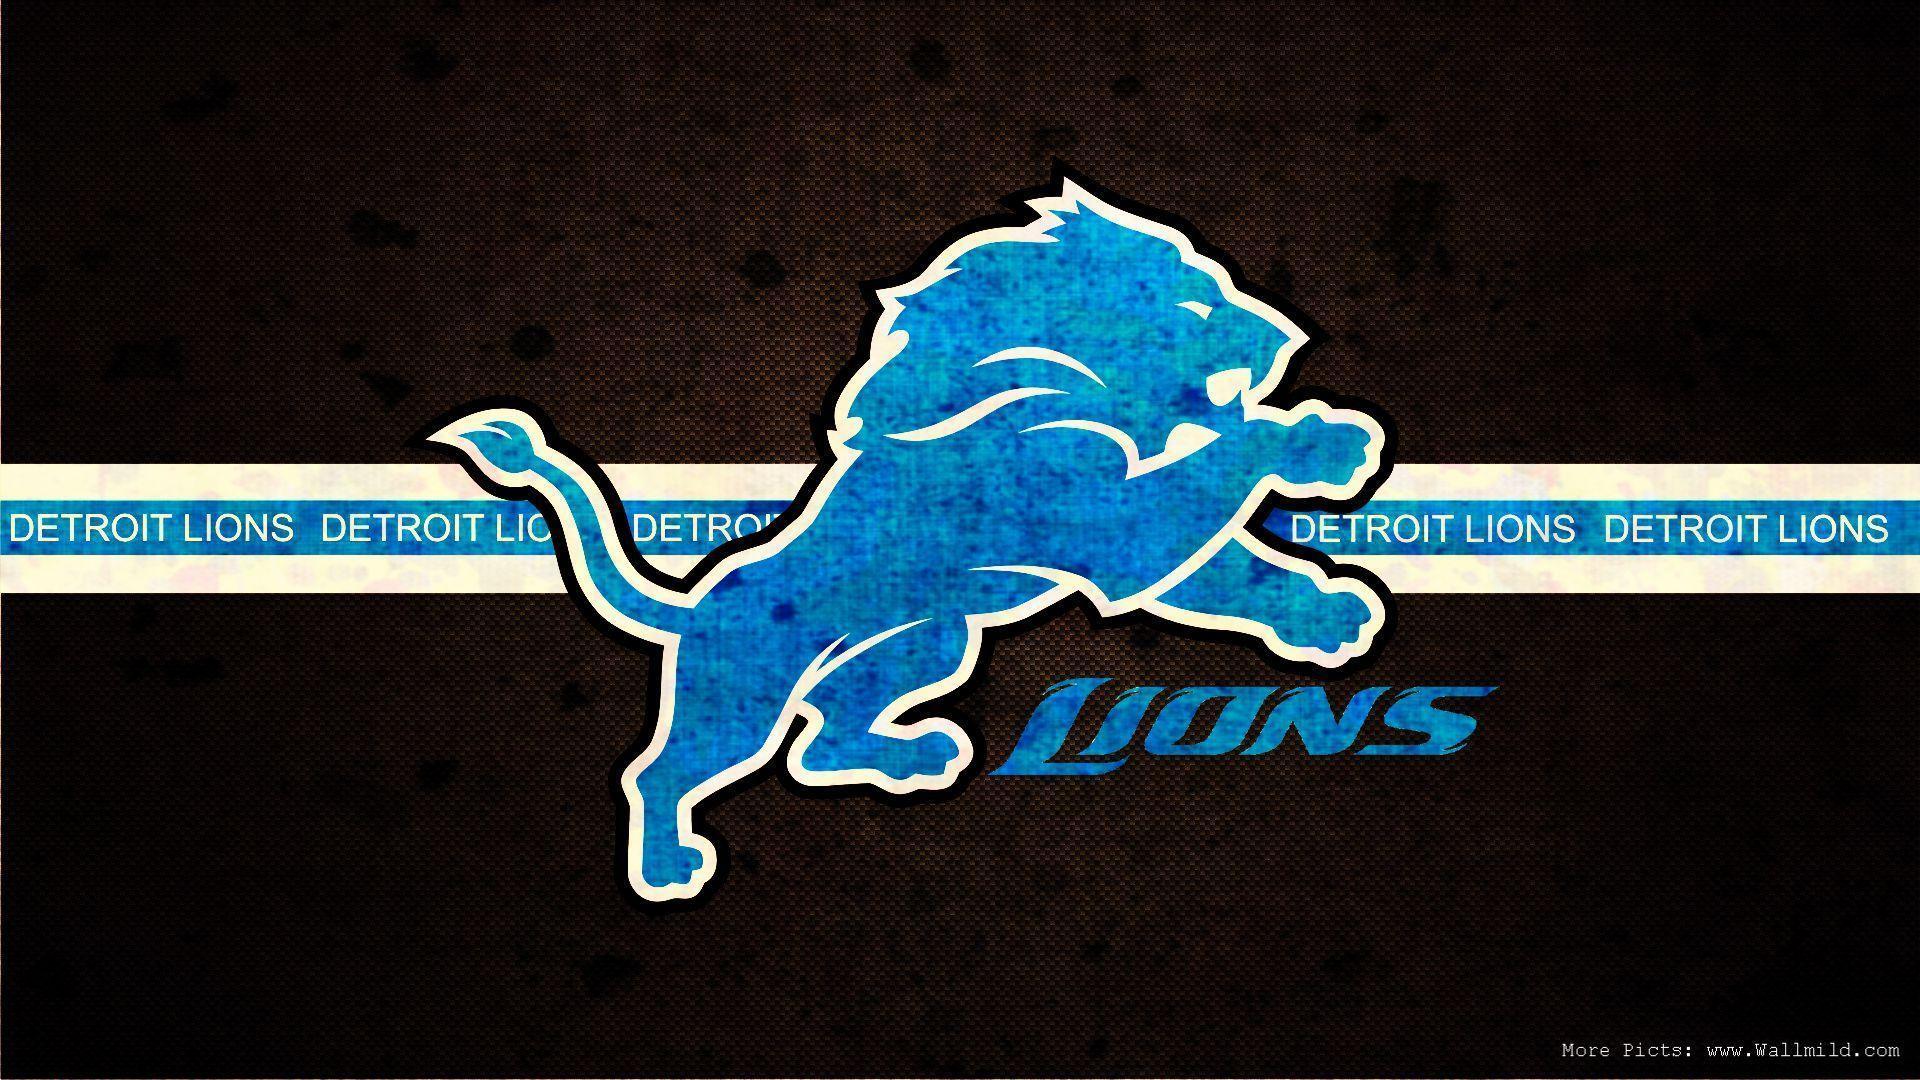 Detroit Lions Wallpapers Wallpaper Cave